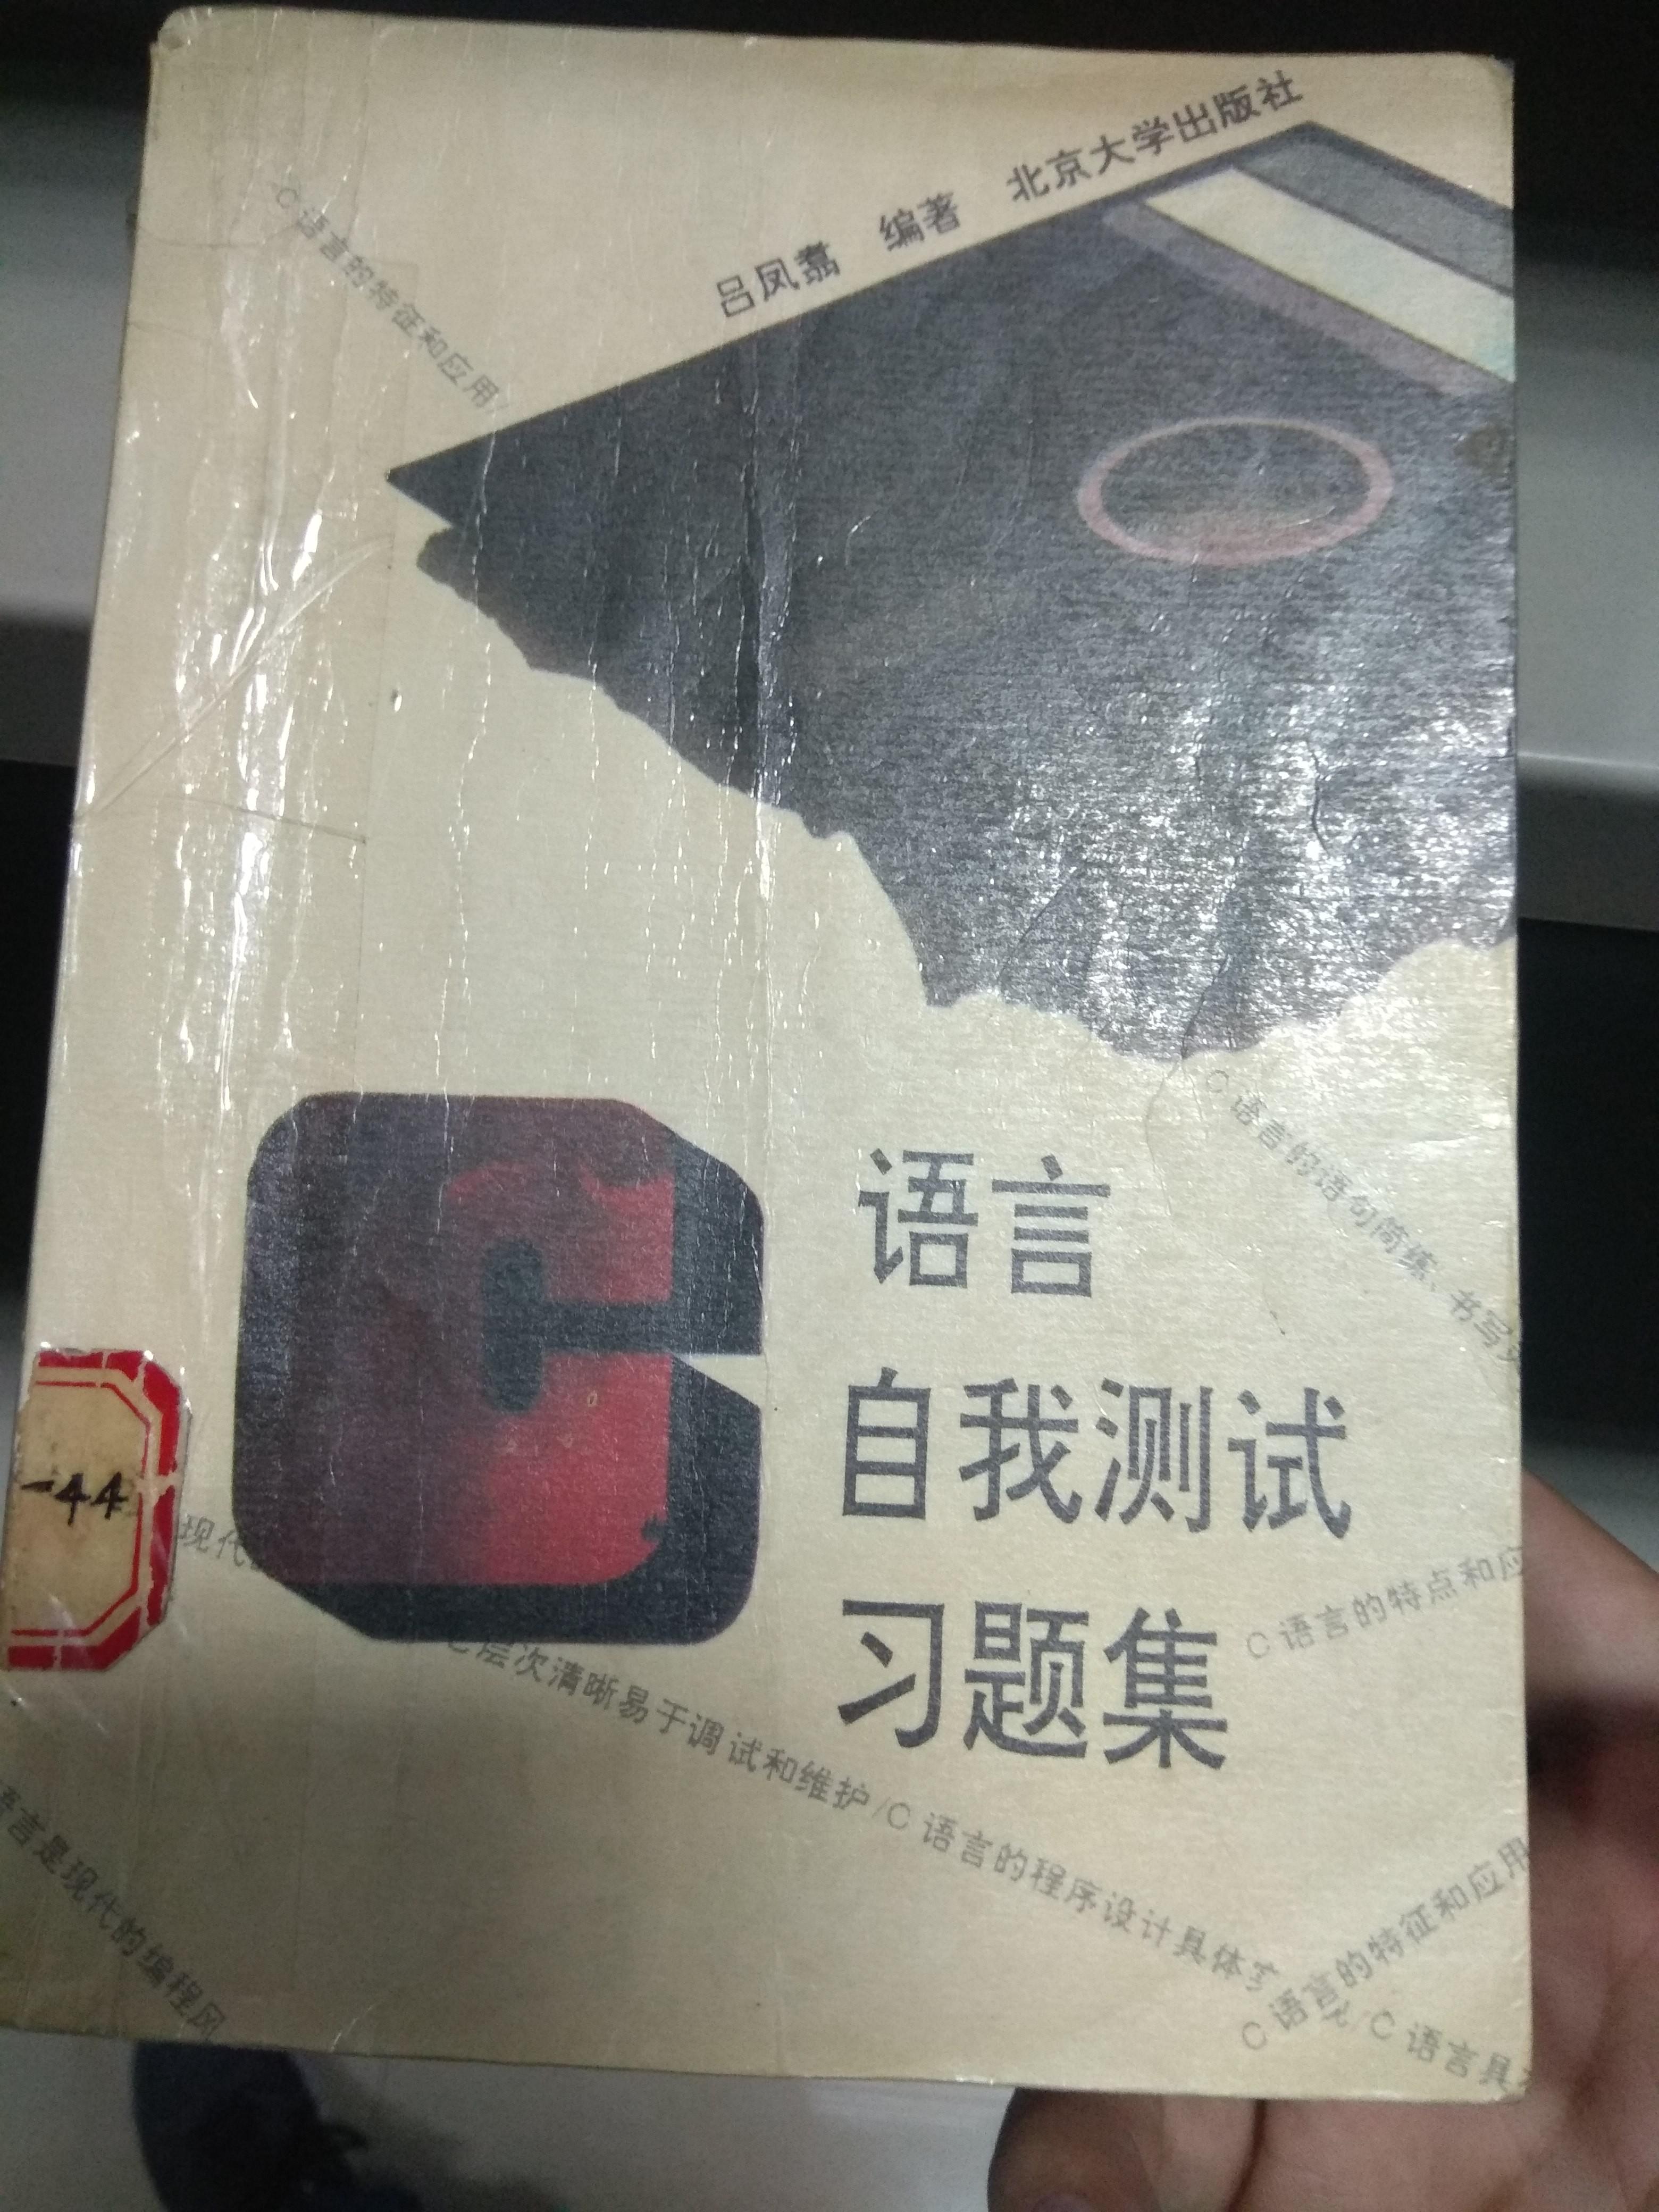 C 语言测试习题